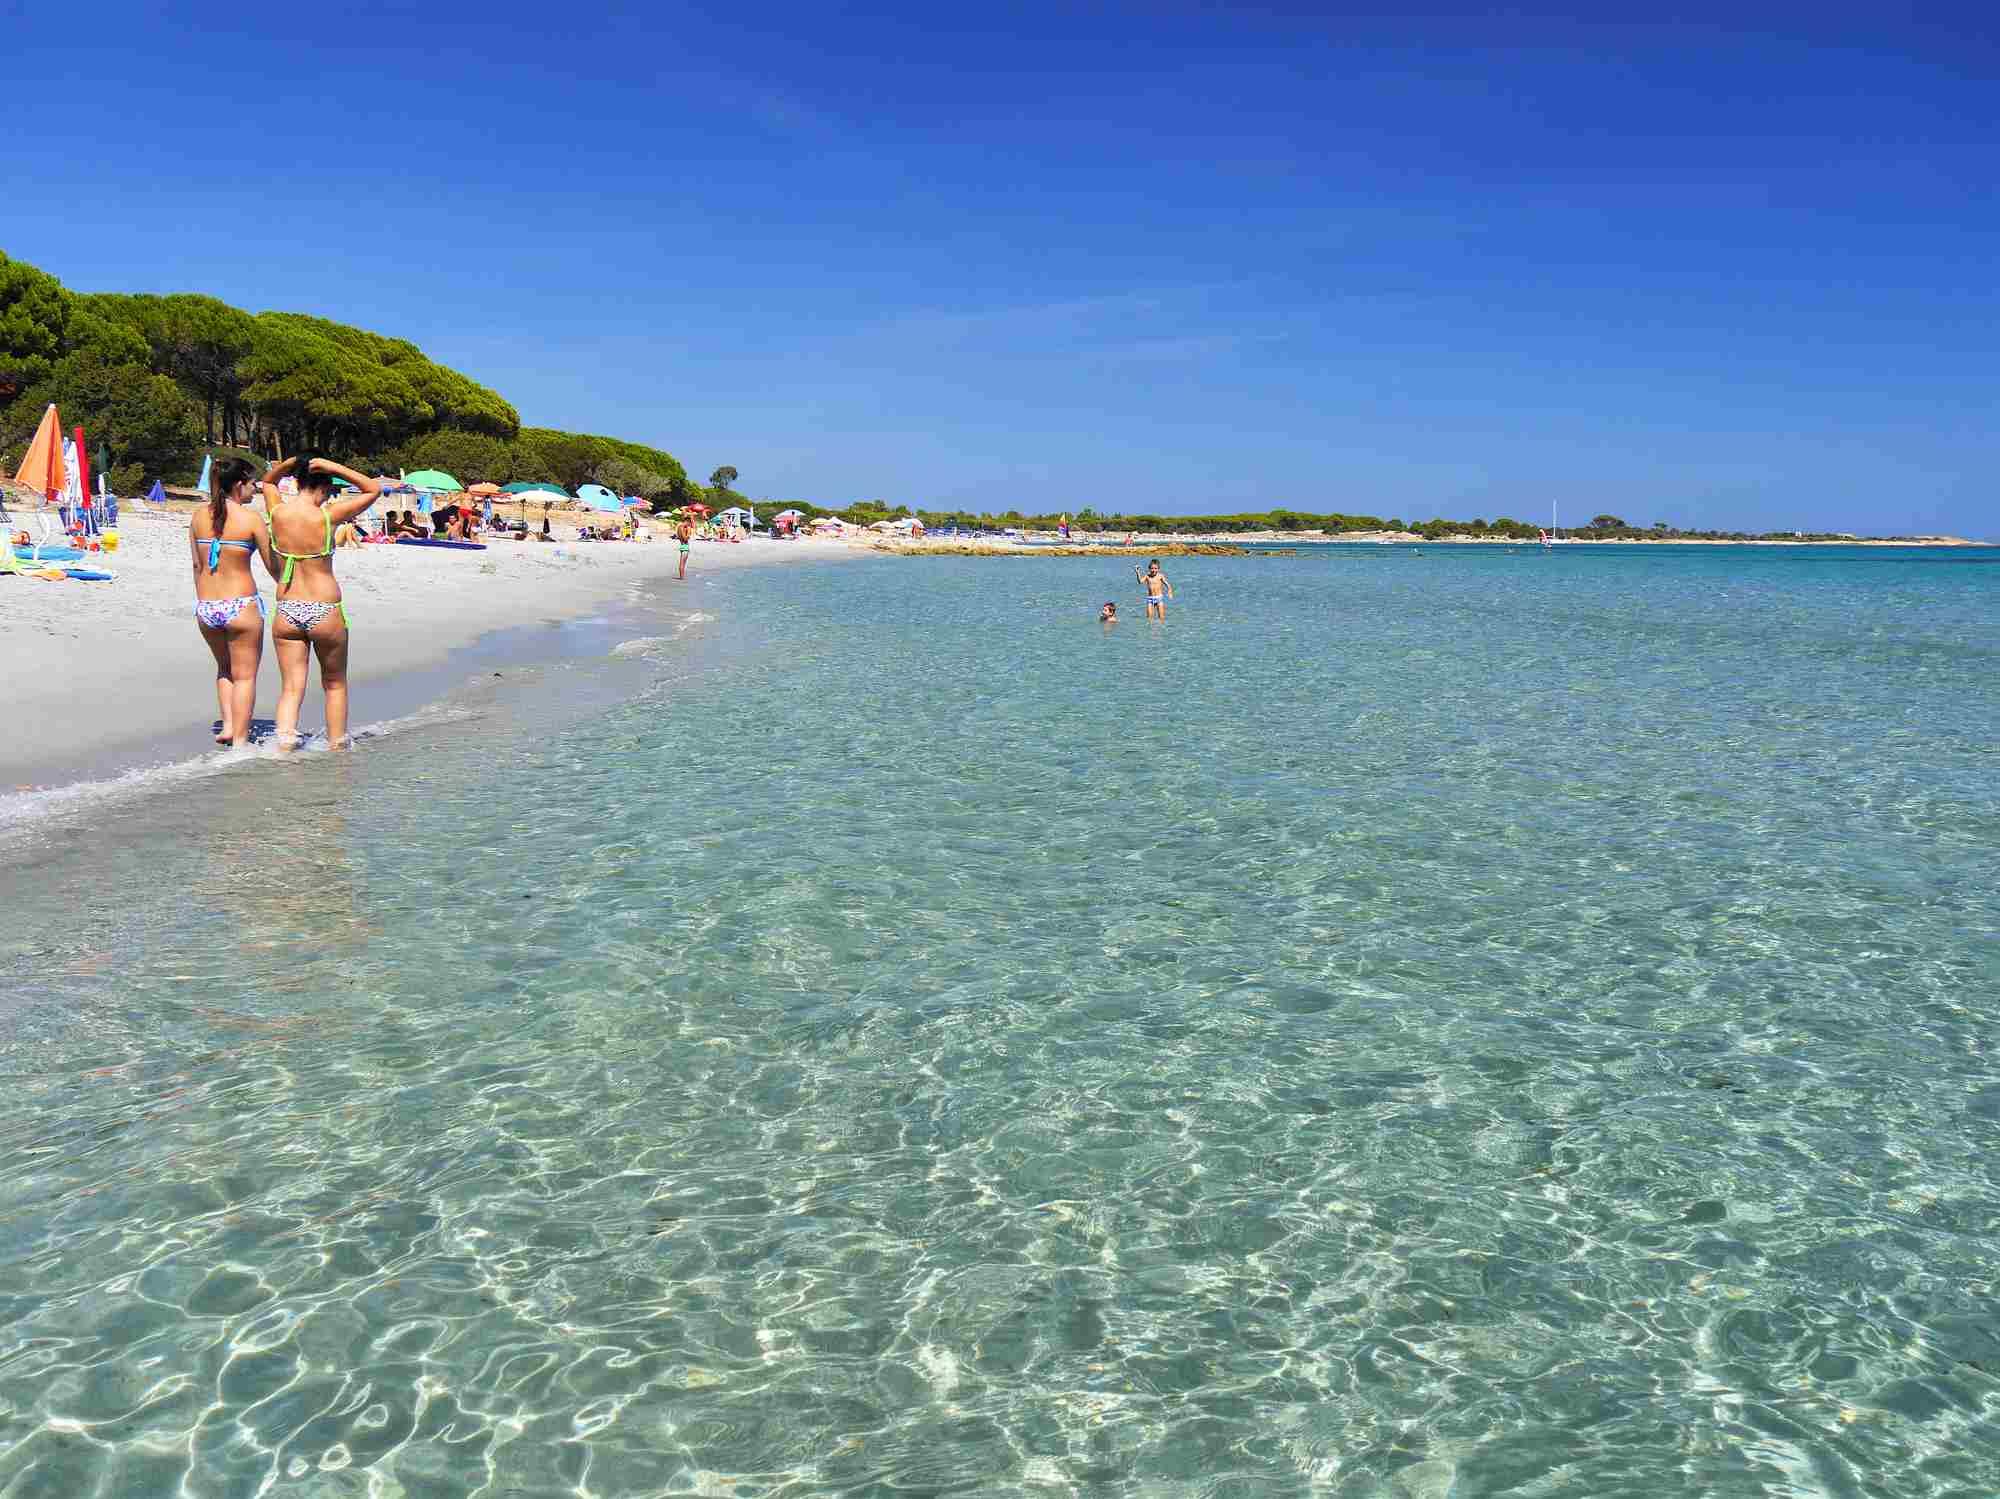 Beach life at Cala Liberotto in Sardina / ItalyLothar Knopp